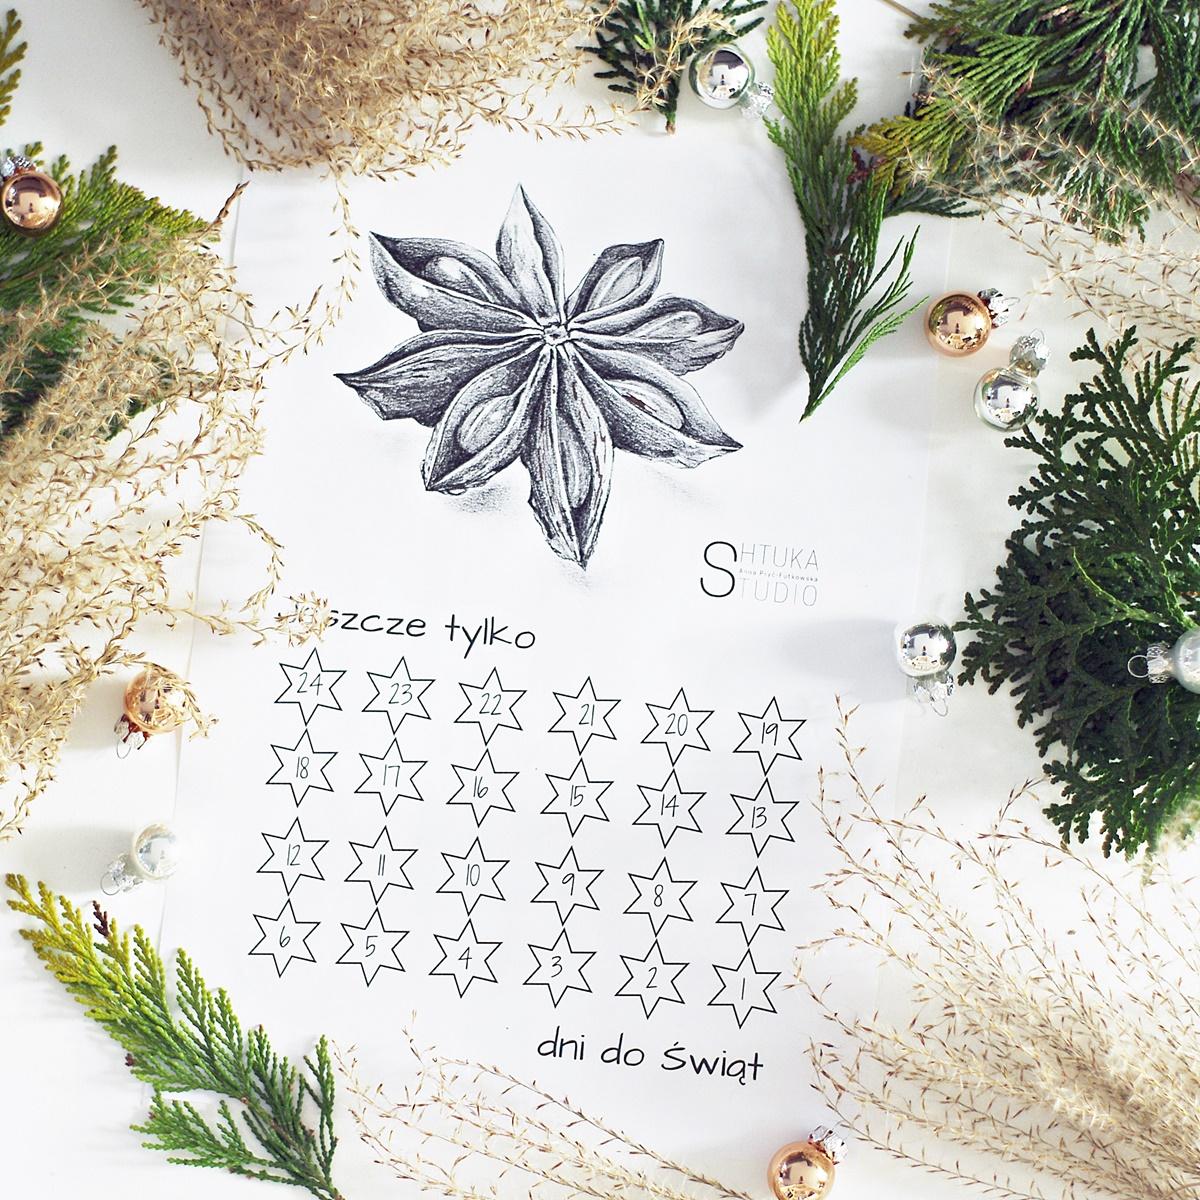 kalendarz adwentowy do pobrania za darmo i druku w domu, tylko na any-blog.pl